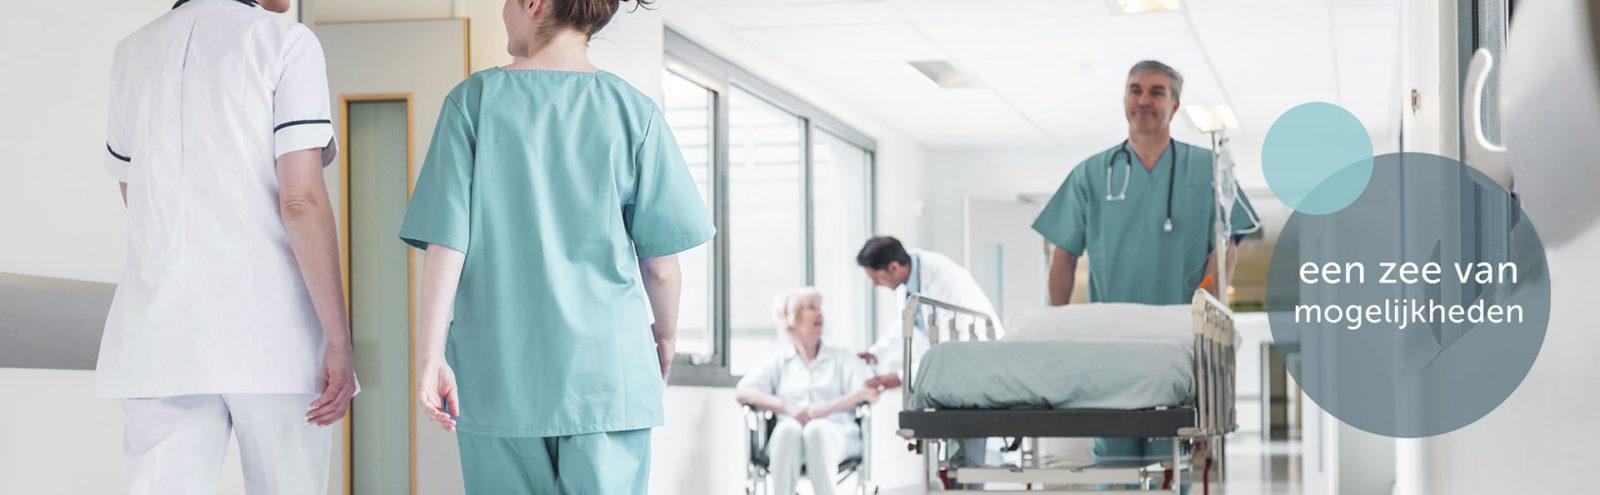 Persbericht: acht ziekenhuizen uit Noord West-Vlaanderen en Meetjesland slaan de handen in elkaar om patiënten in eigen regio beter te helpen.